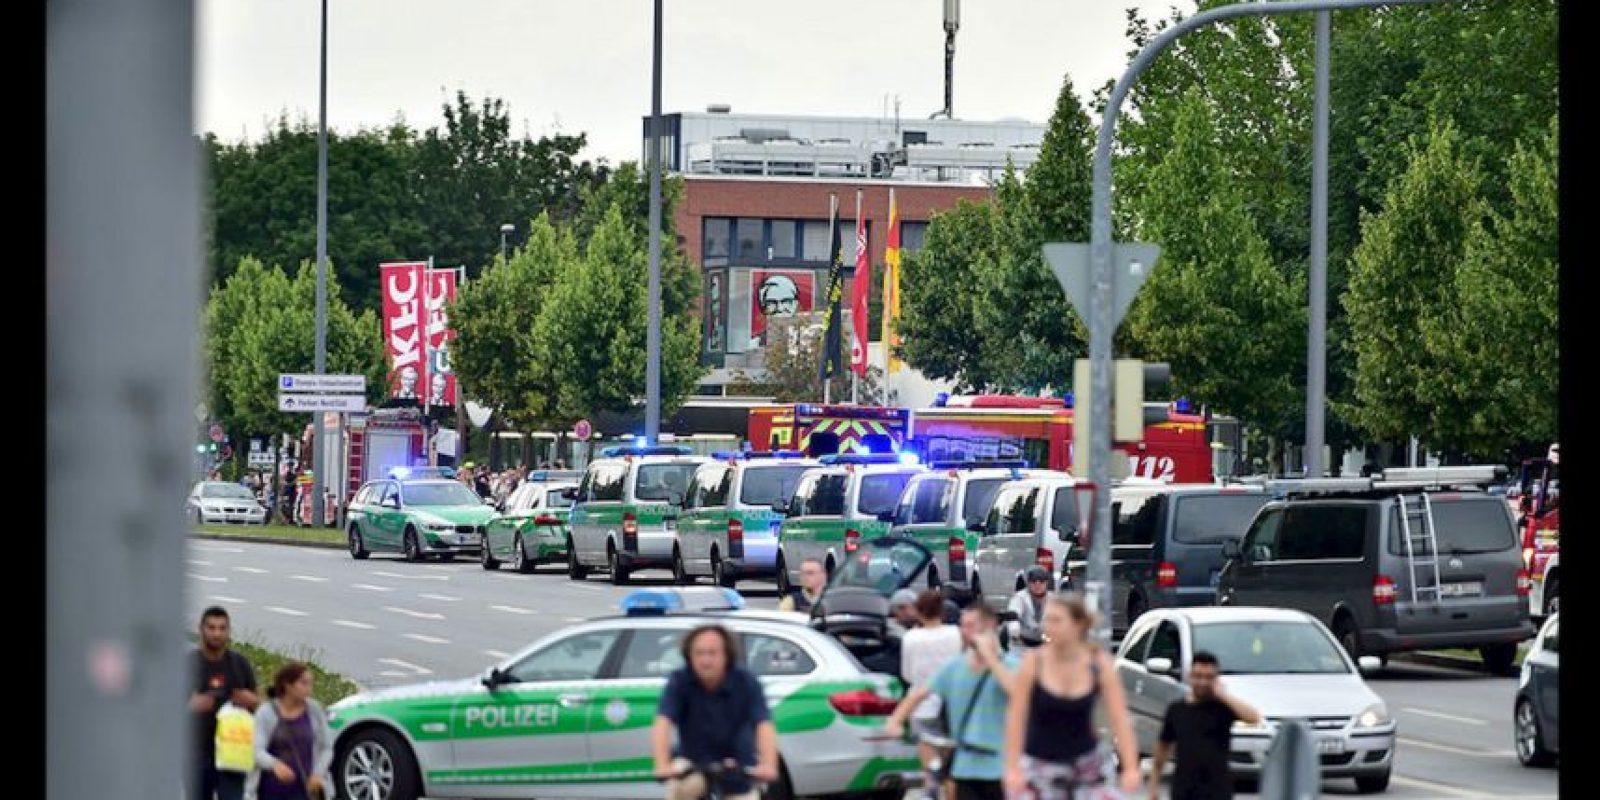 La misma Policía no ha logrado identificar a los atacantes, ni han podido establecer si es uno solo o varios. De acuerdo con testigos se trata de tres sospechosos. Foto:AP